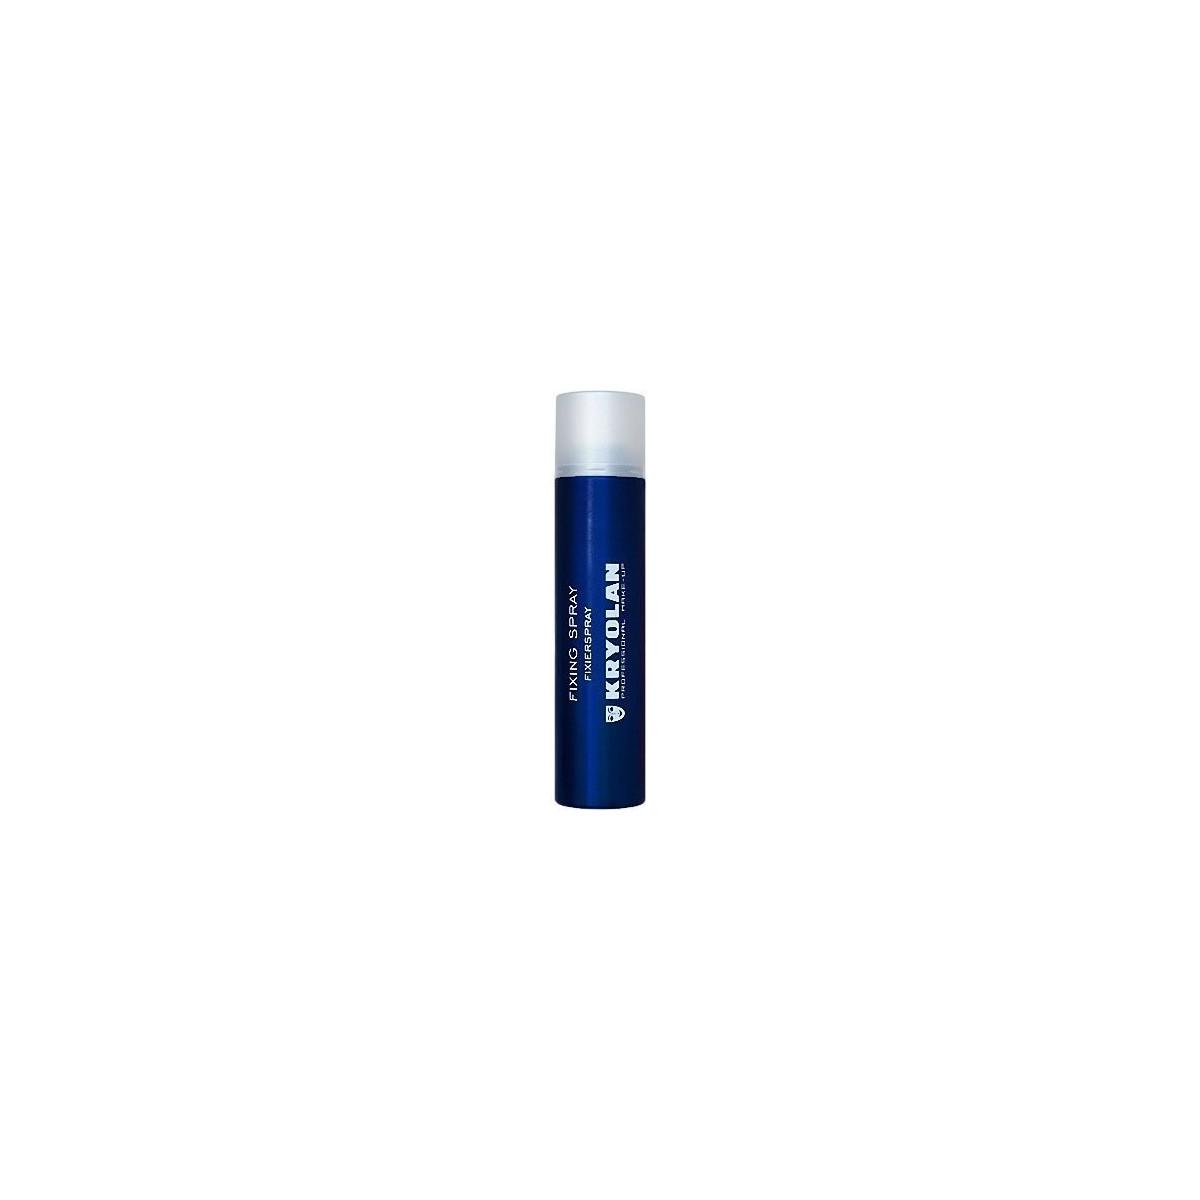 Kryolan Fixer Fixing Spray, utrwalacz do makijażu, chroni przed niekorzystną pogodą 300ml